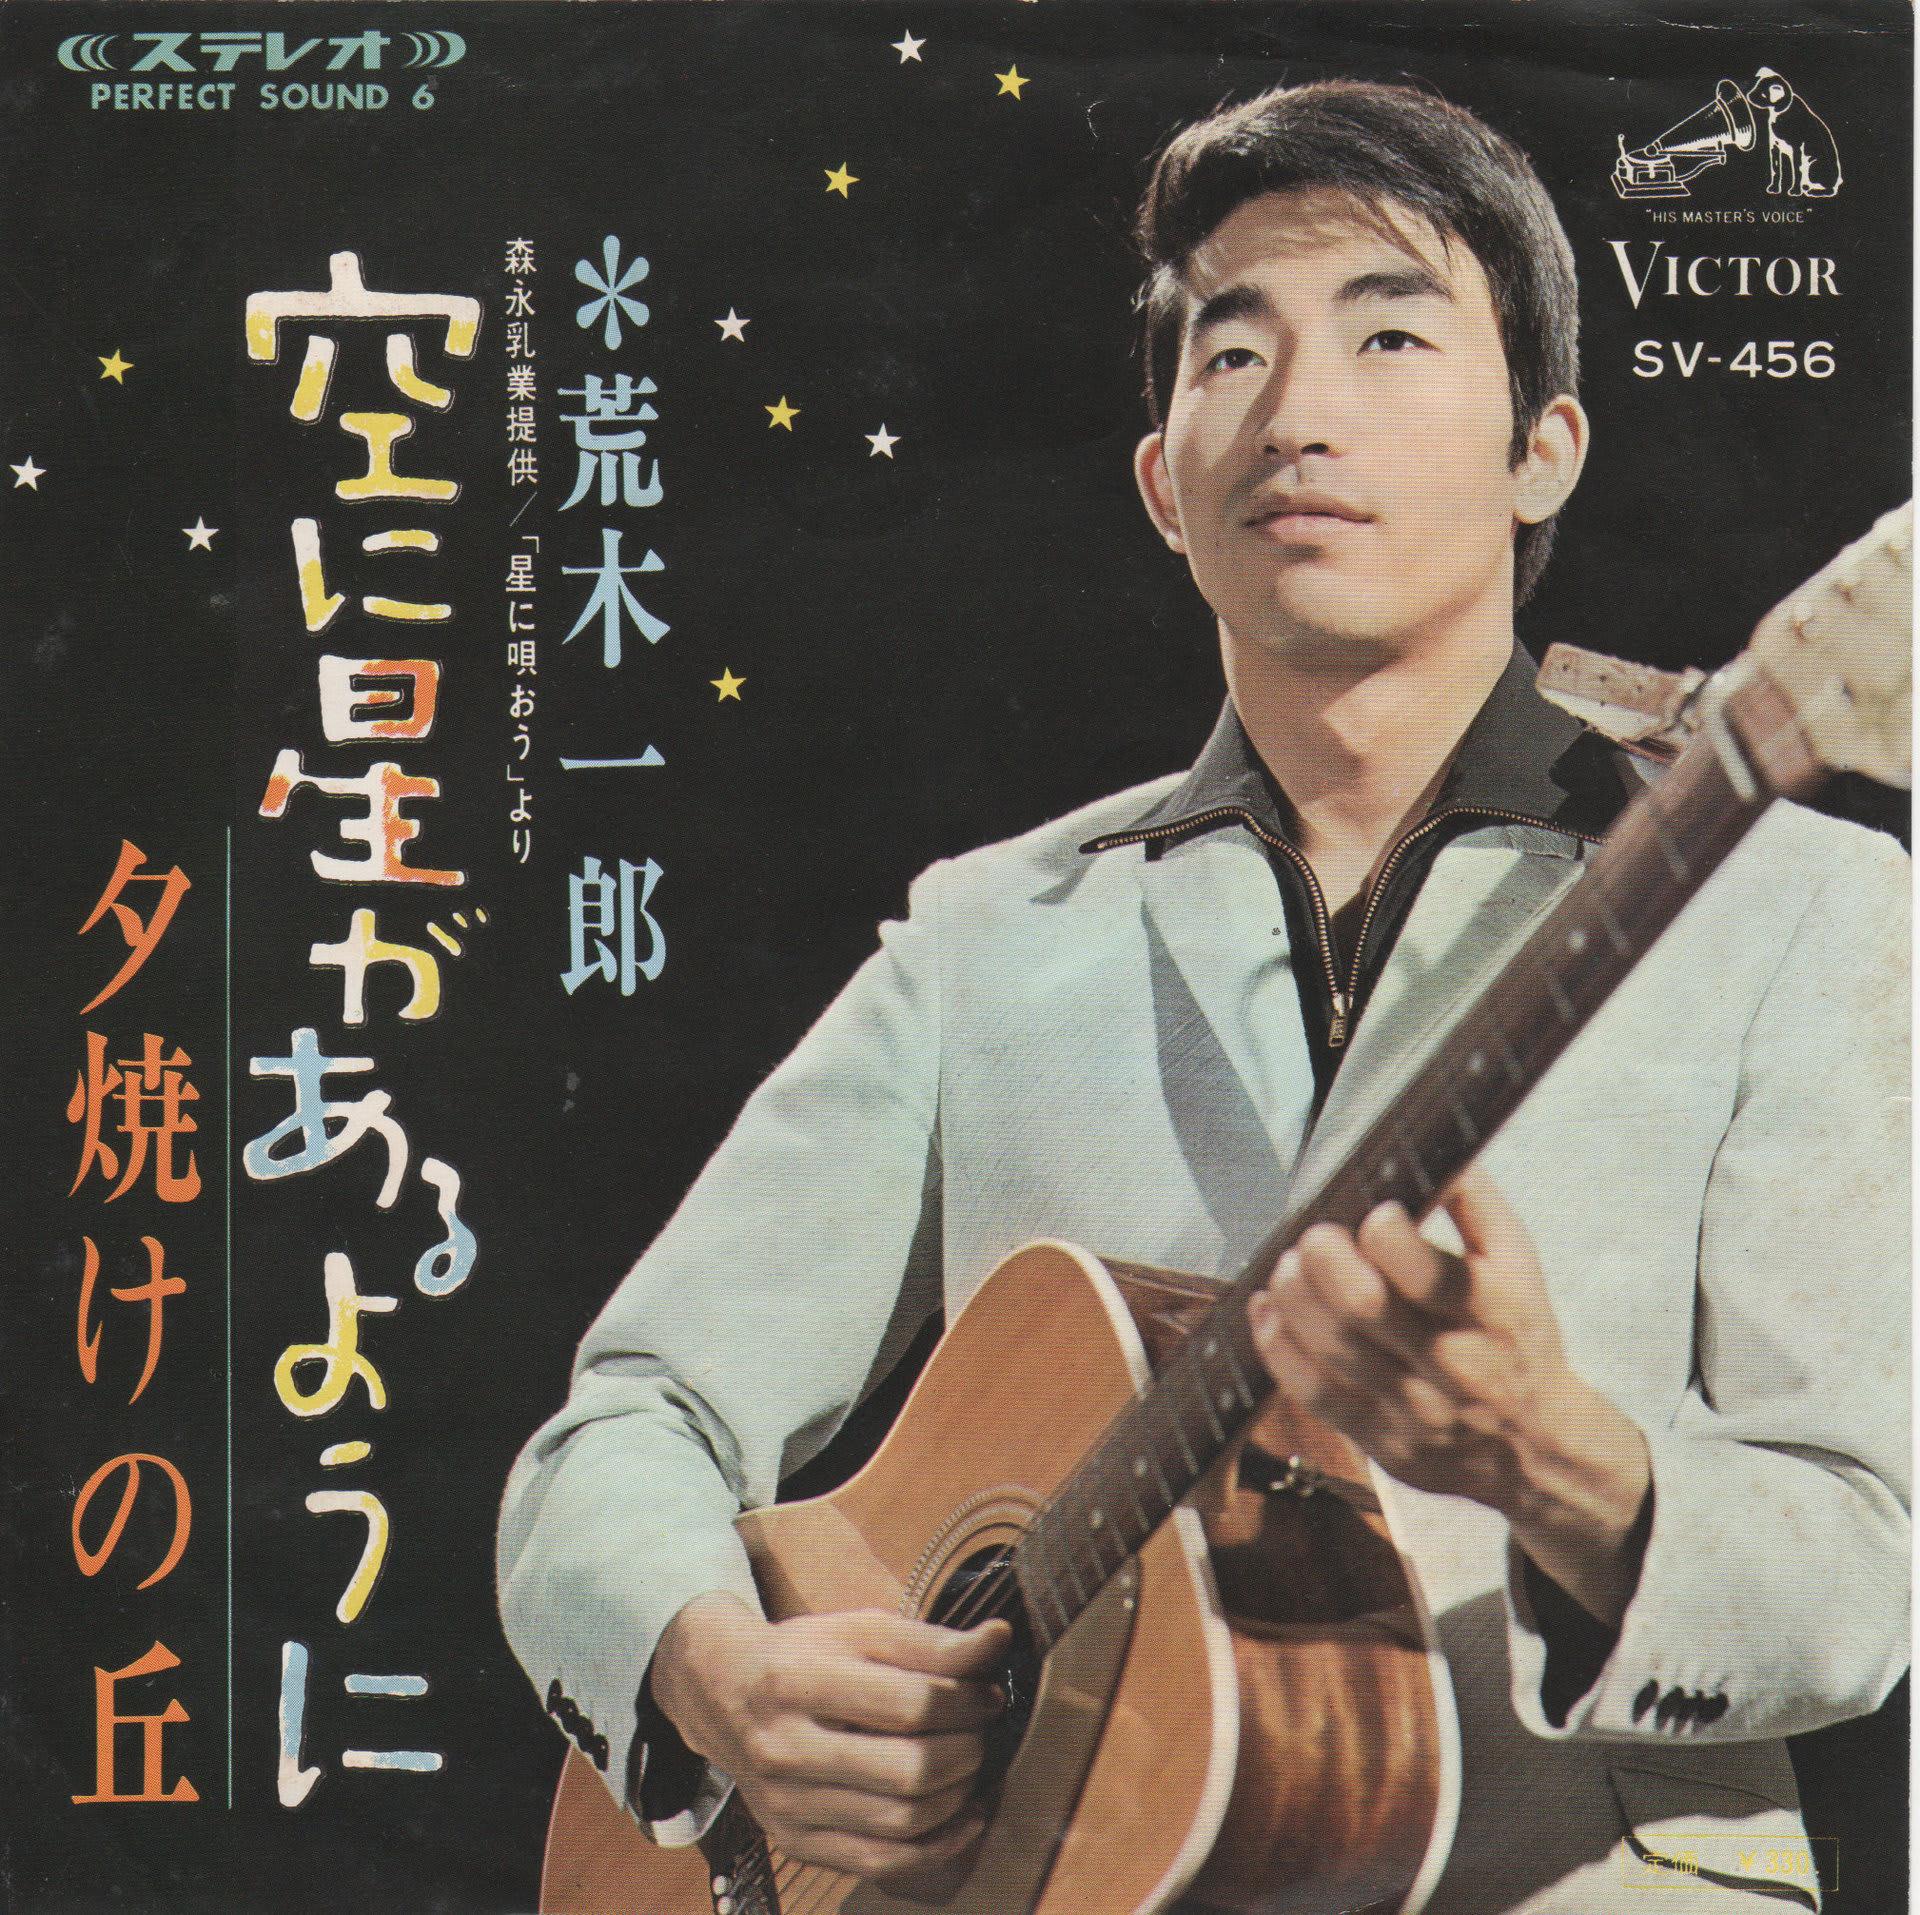 荒木一郎の懐かしの曲 - あしたのブログ!趣味や日々の報告ページ